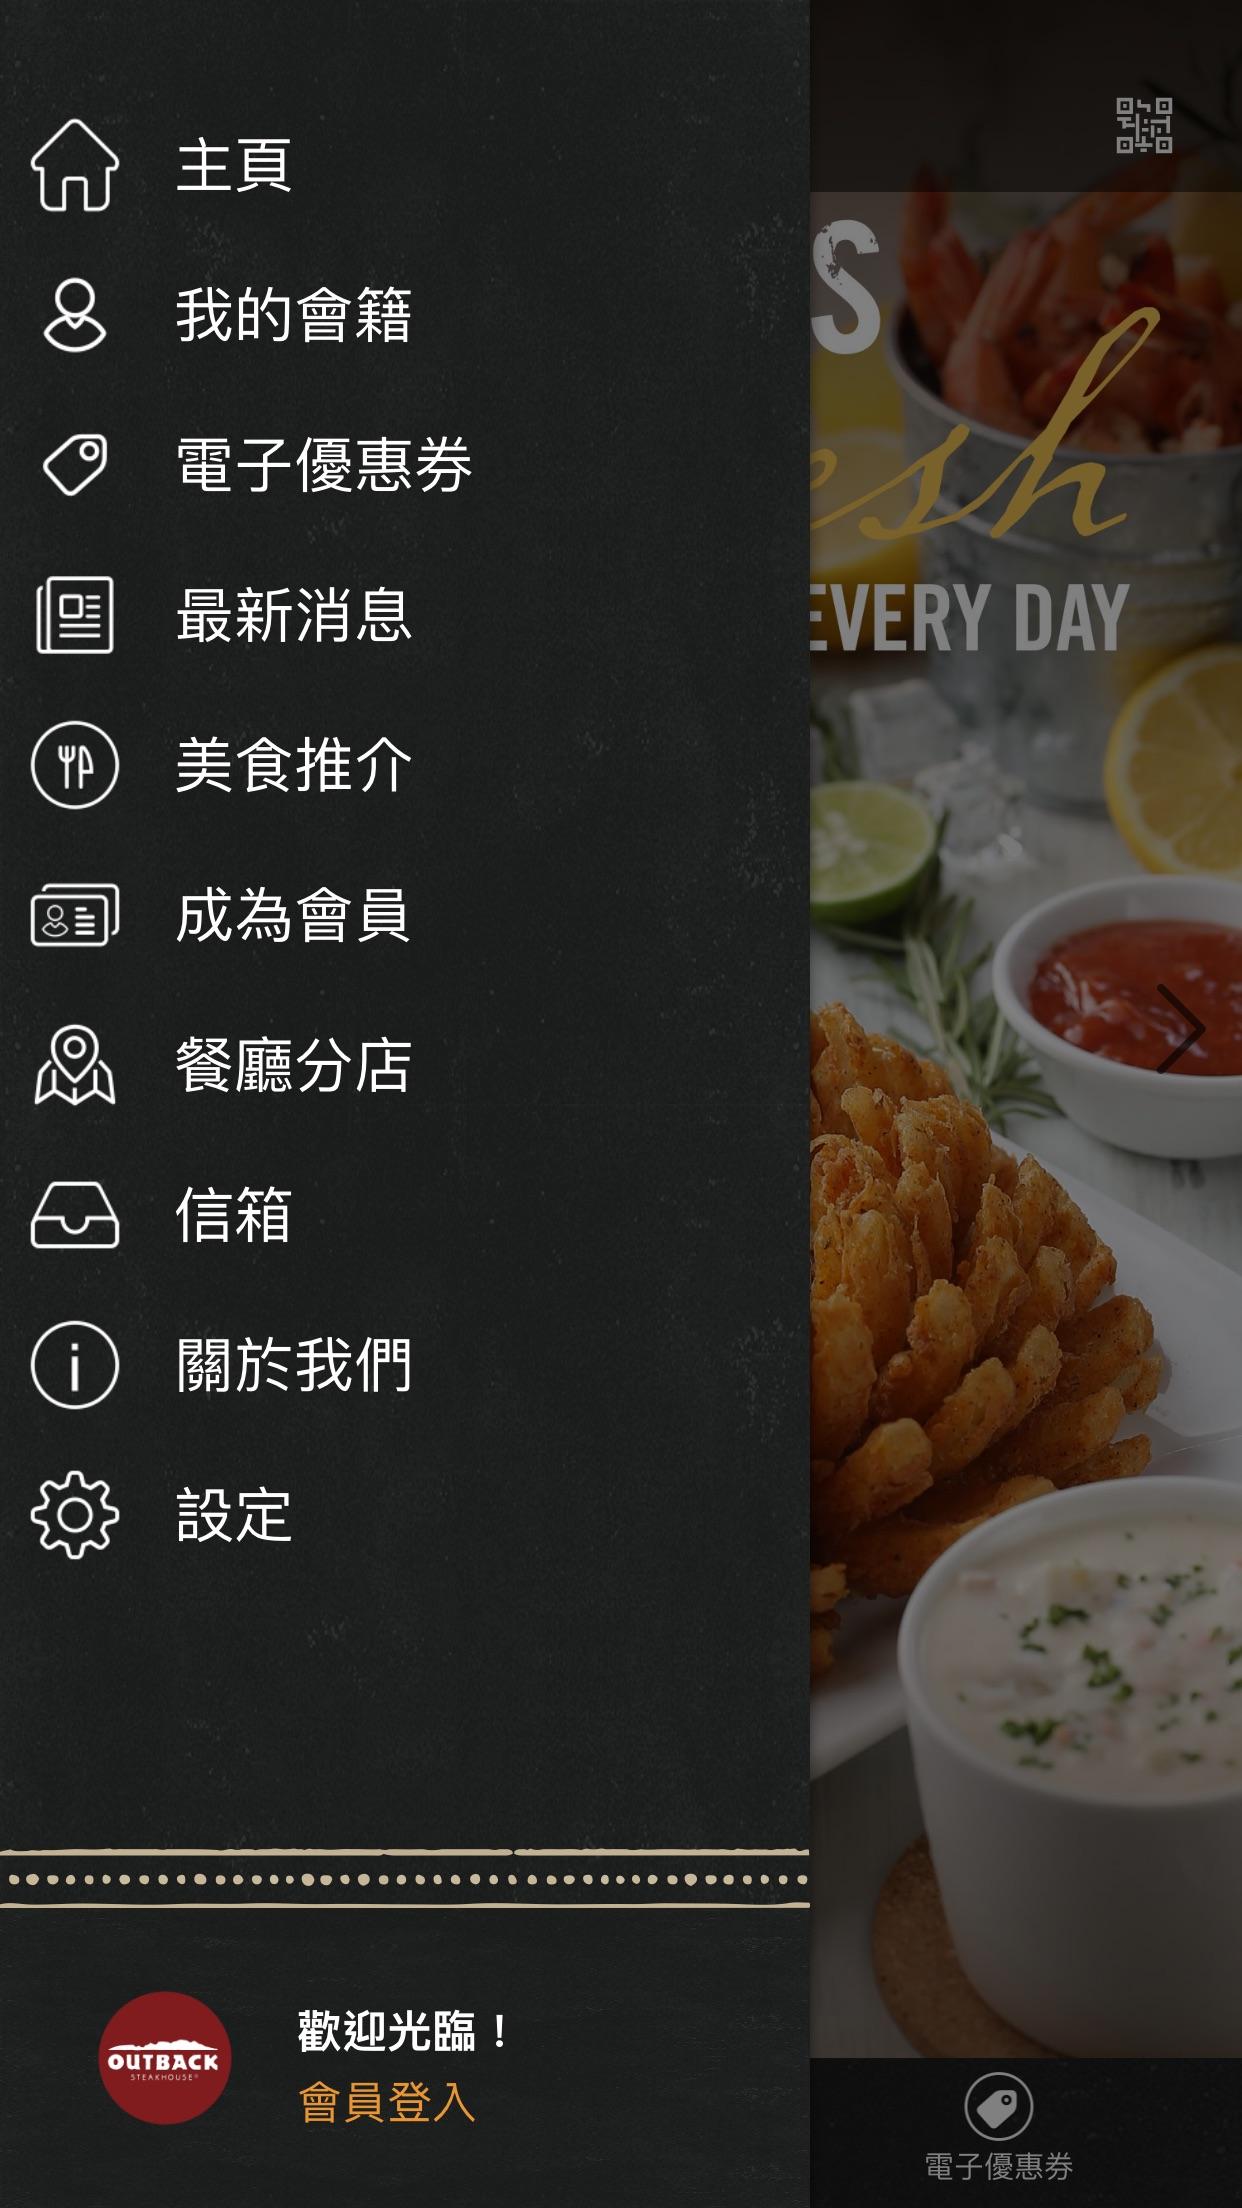 Outback Steakhouse Hong Kong Screenshot